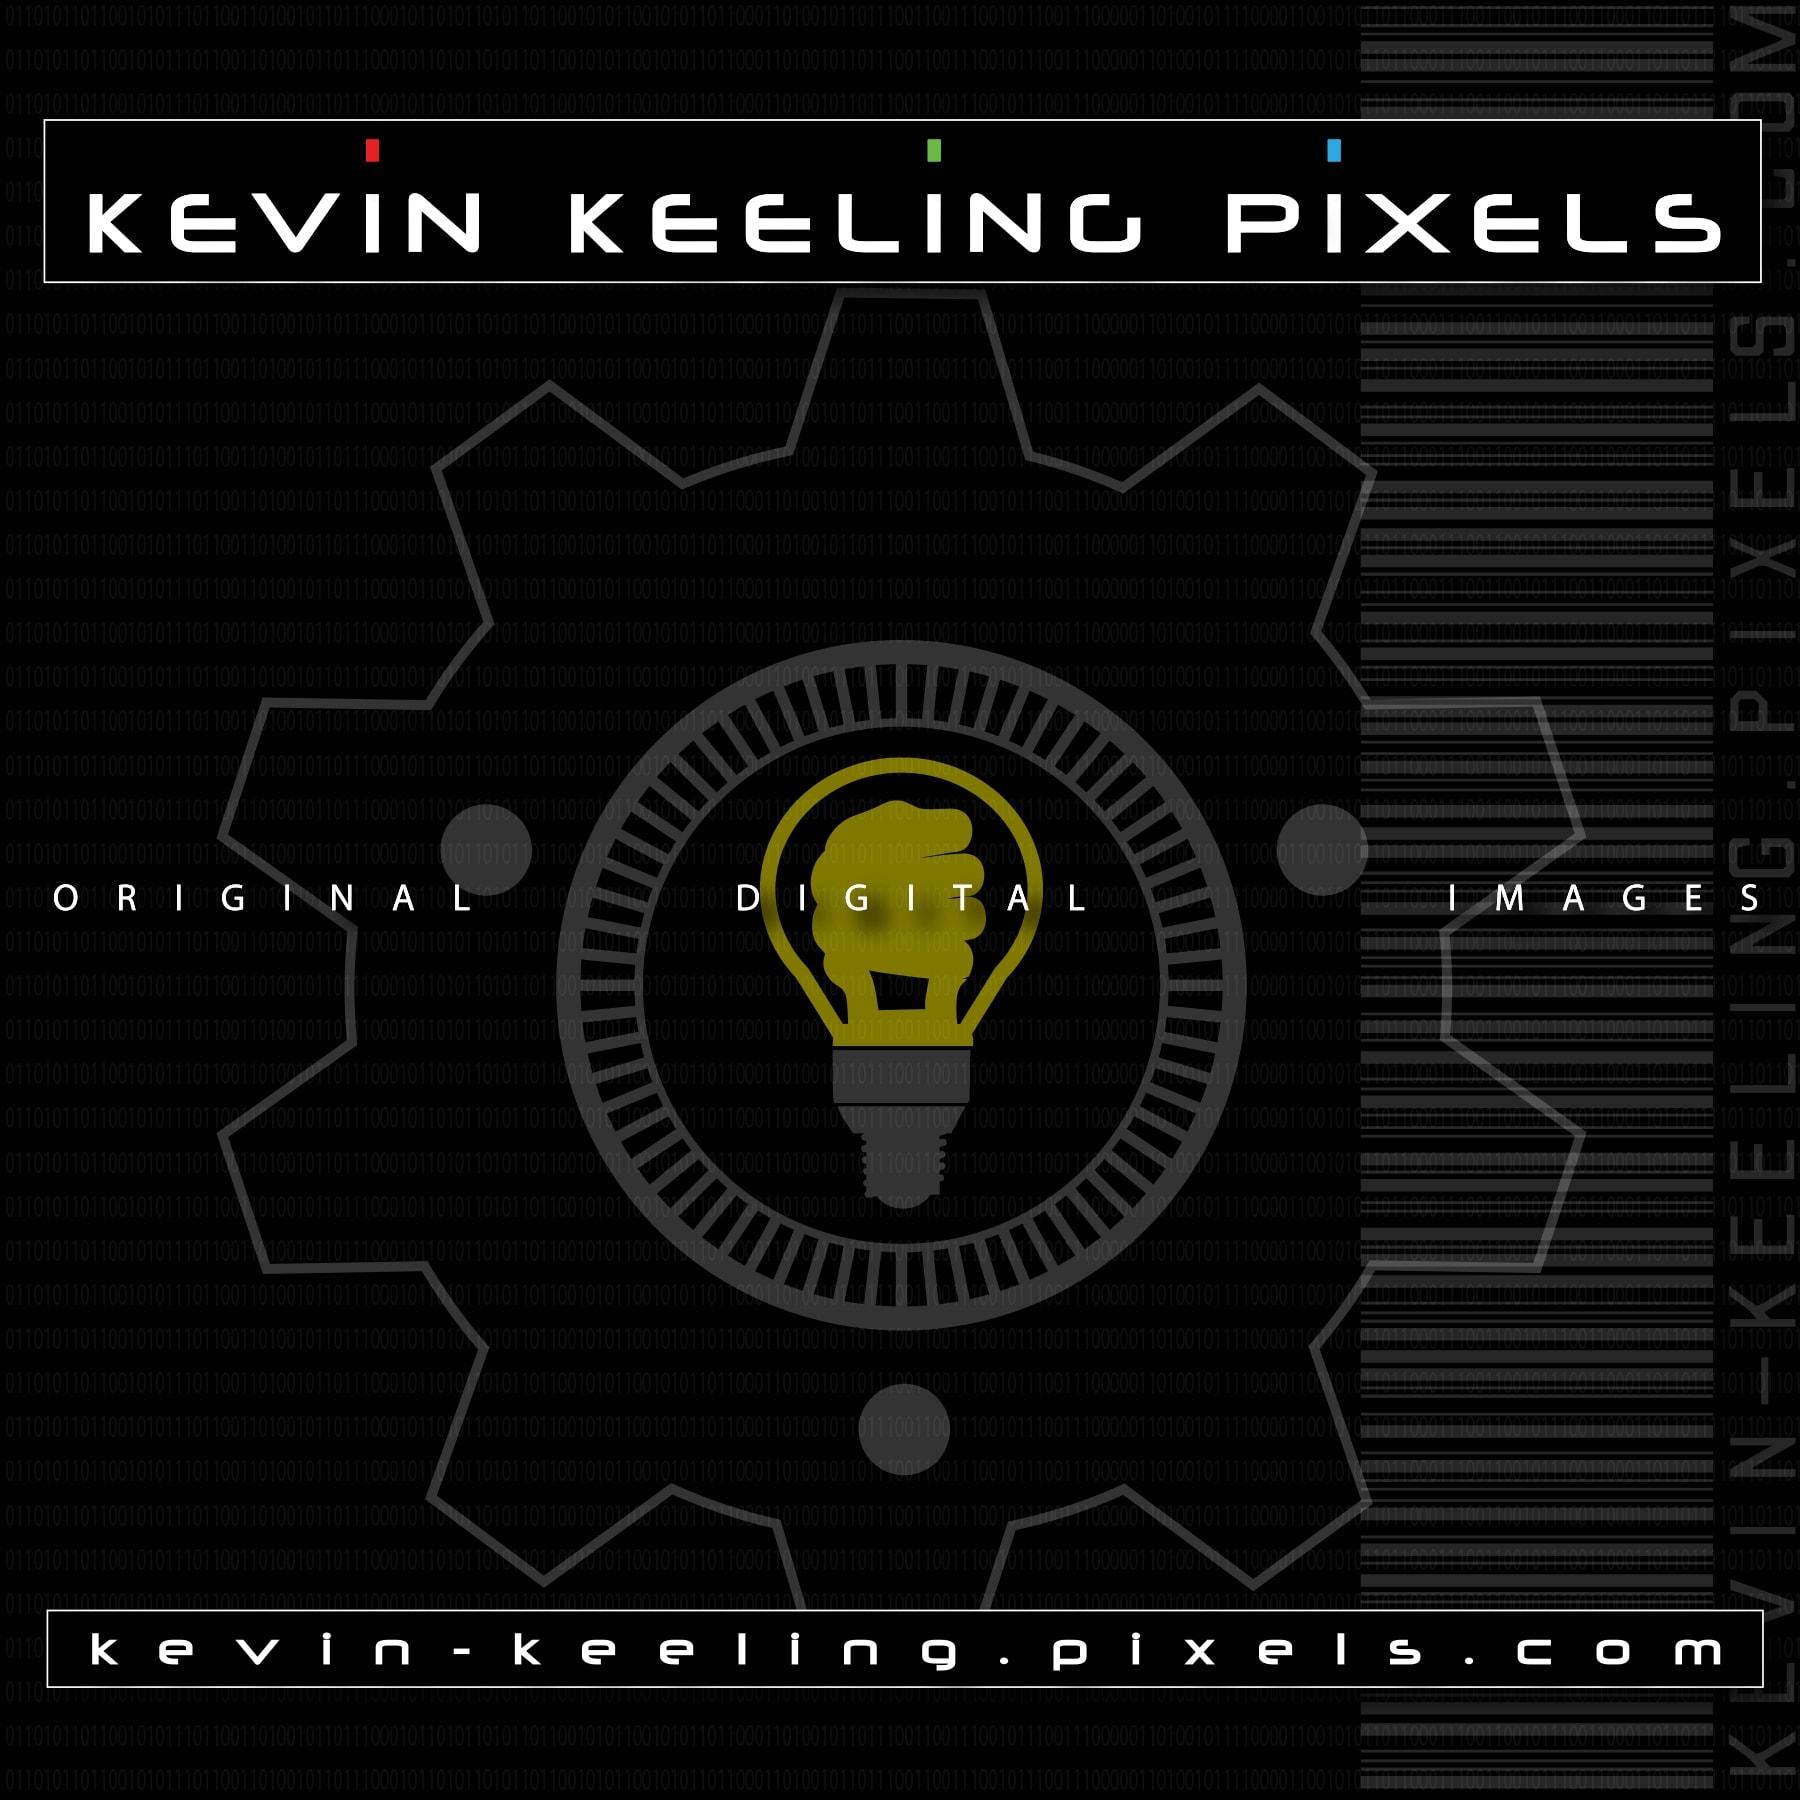 Kevin-Keeling.Pixels